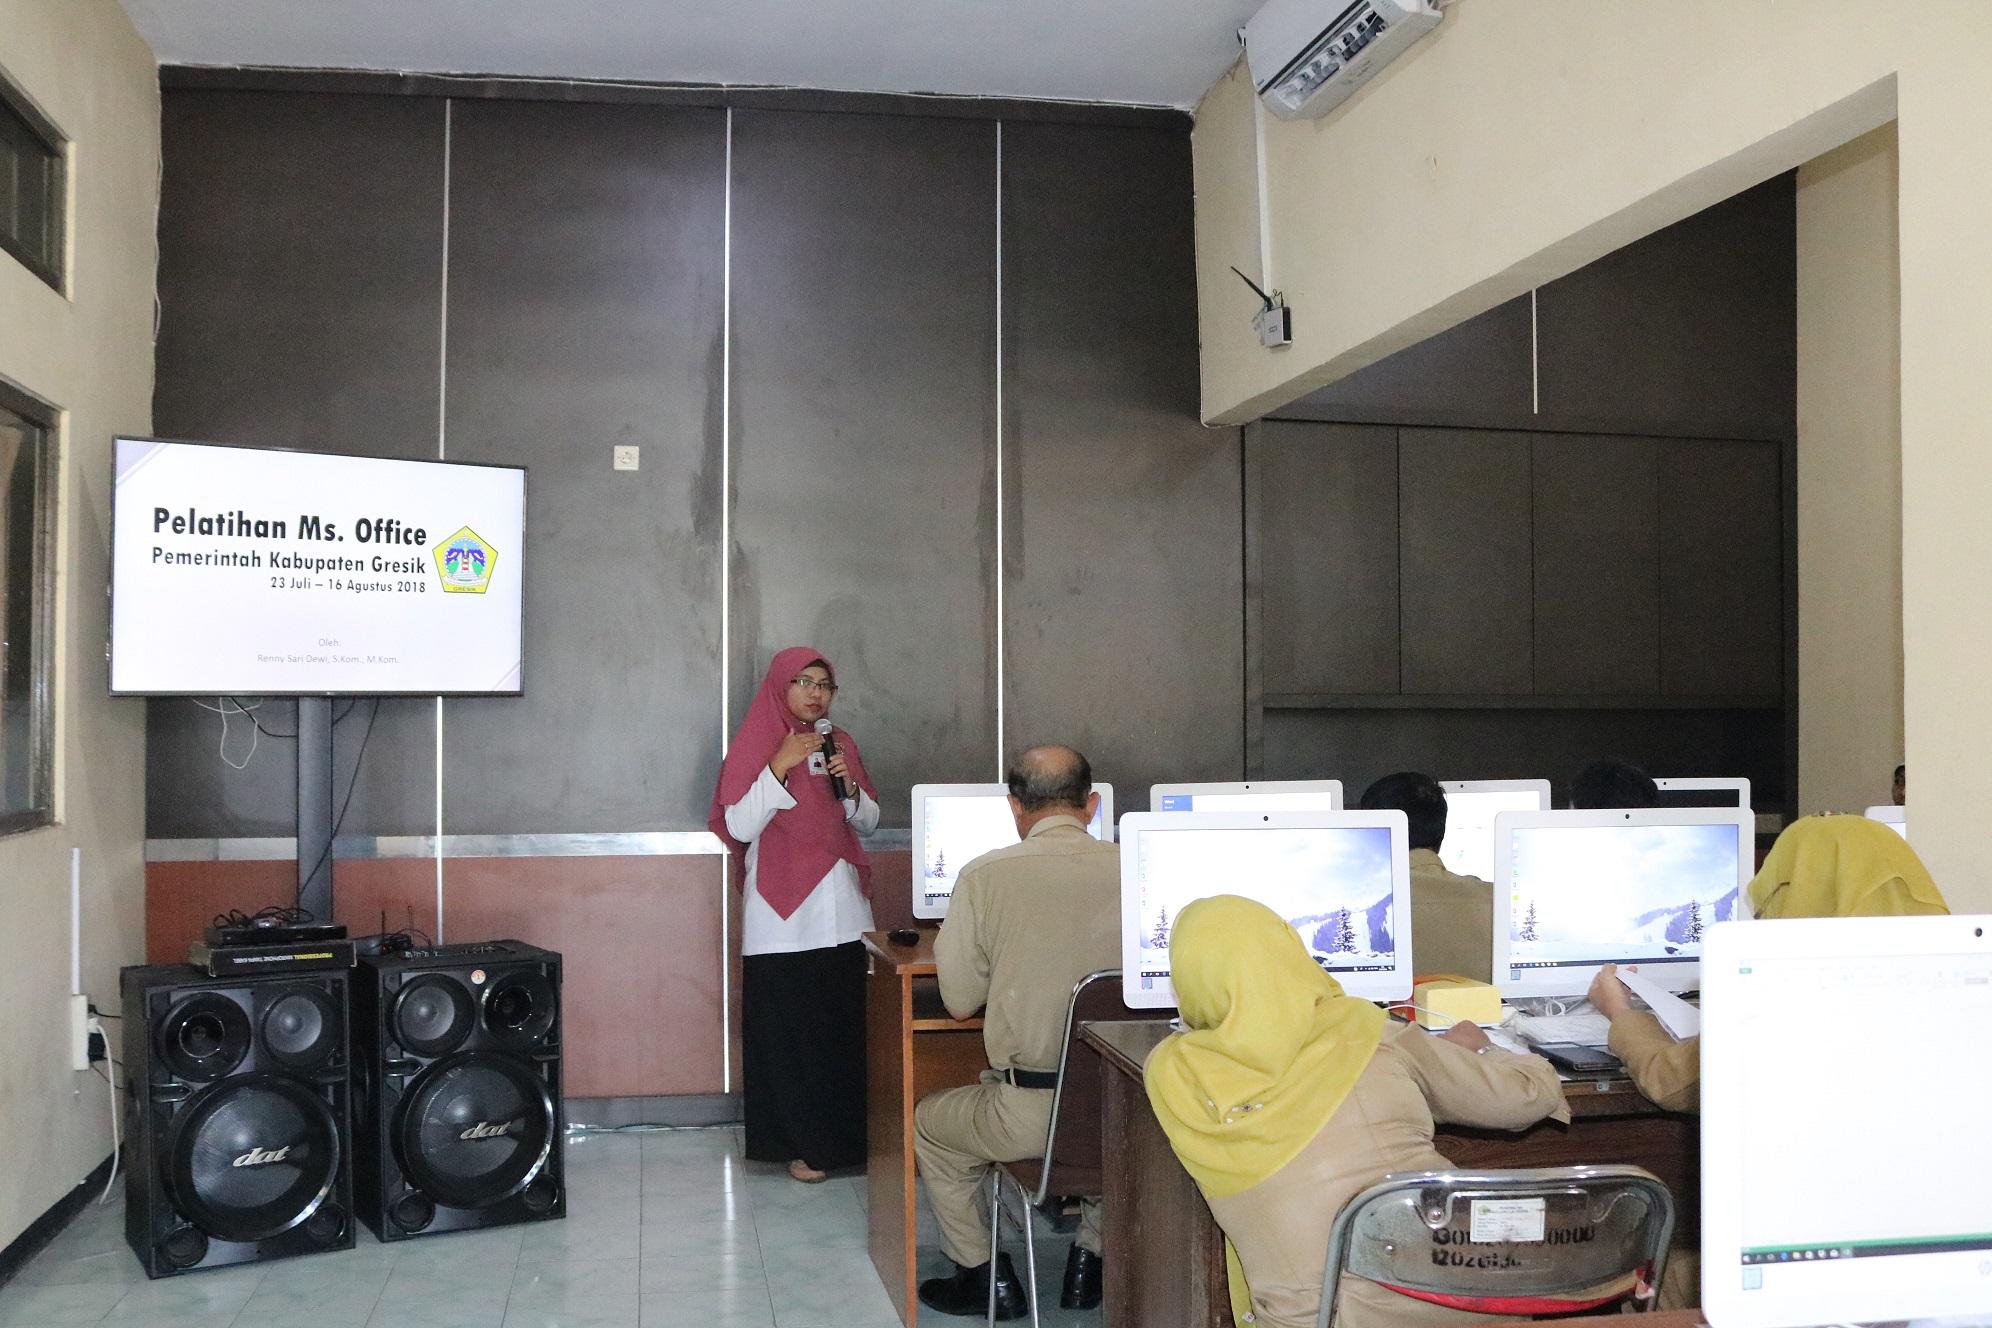 Demi meningkatkan Kopetensi ASN Kabupaten Gresik, Diskominfo Kabupaten gresik mengadakan Pelatihan Dasar Microsoft Office